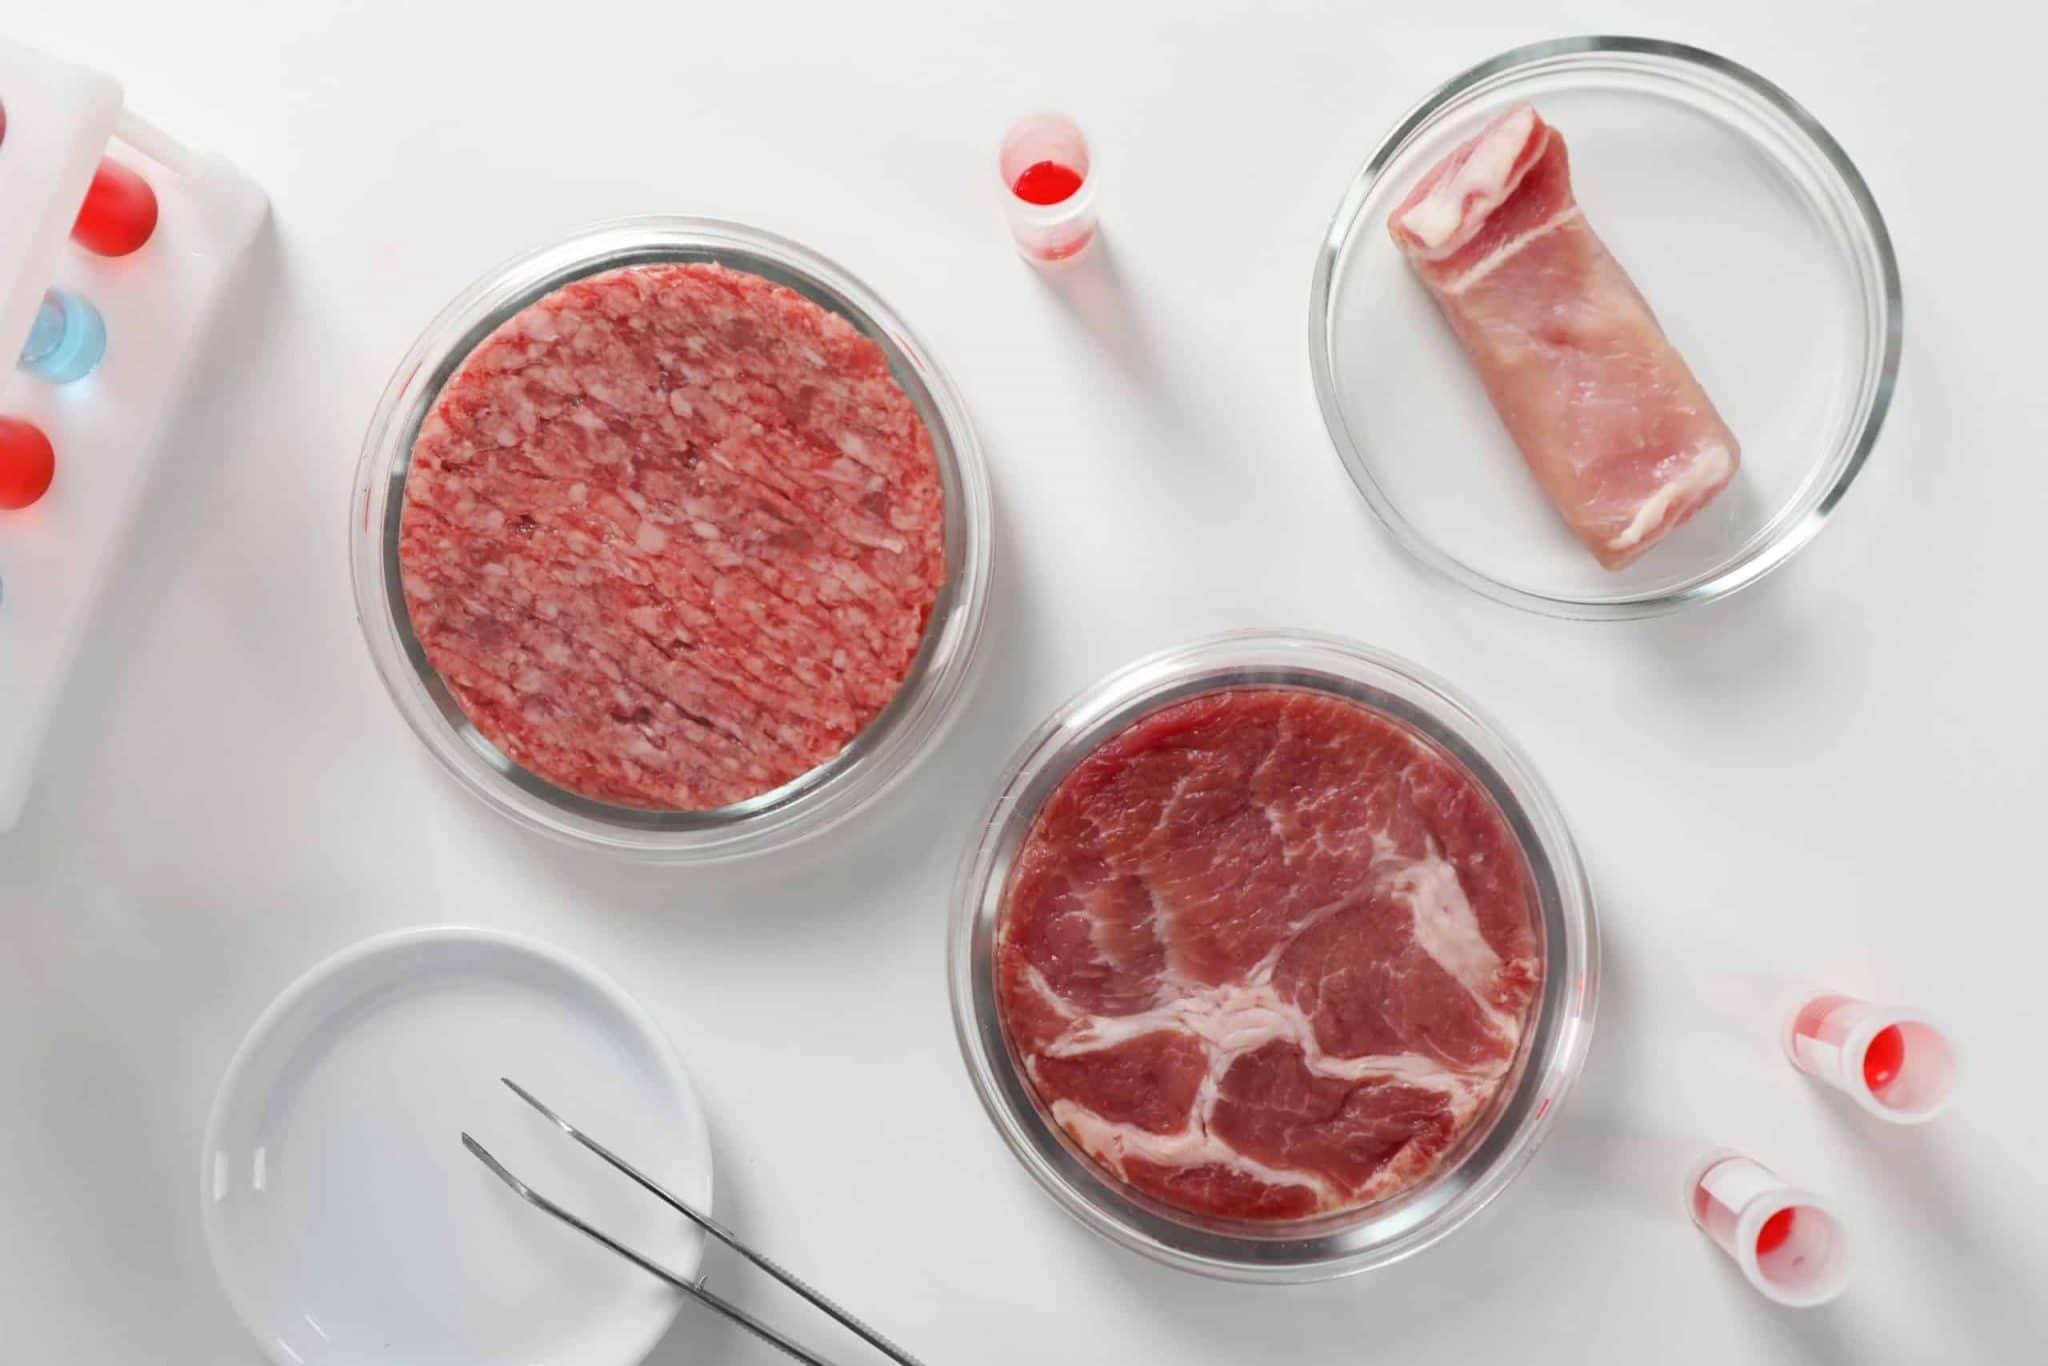 Patxi Larumbe, direttore commerciale diCocuus System Ibérica, ha mostrato l'immagine di una bistecca biostampata in 3D da 10 kg dall'azienda